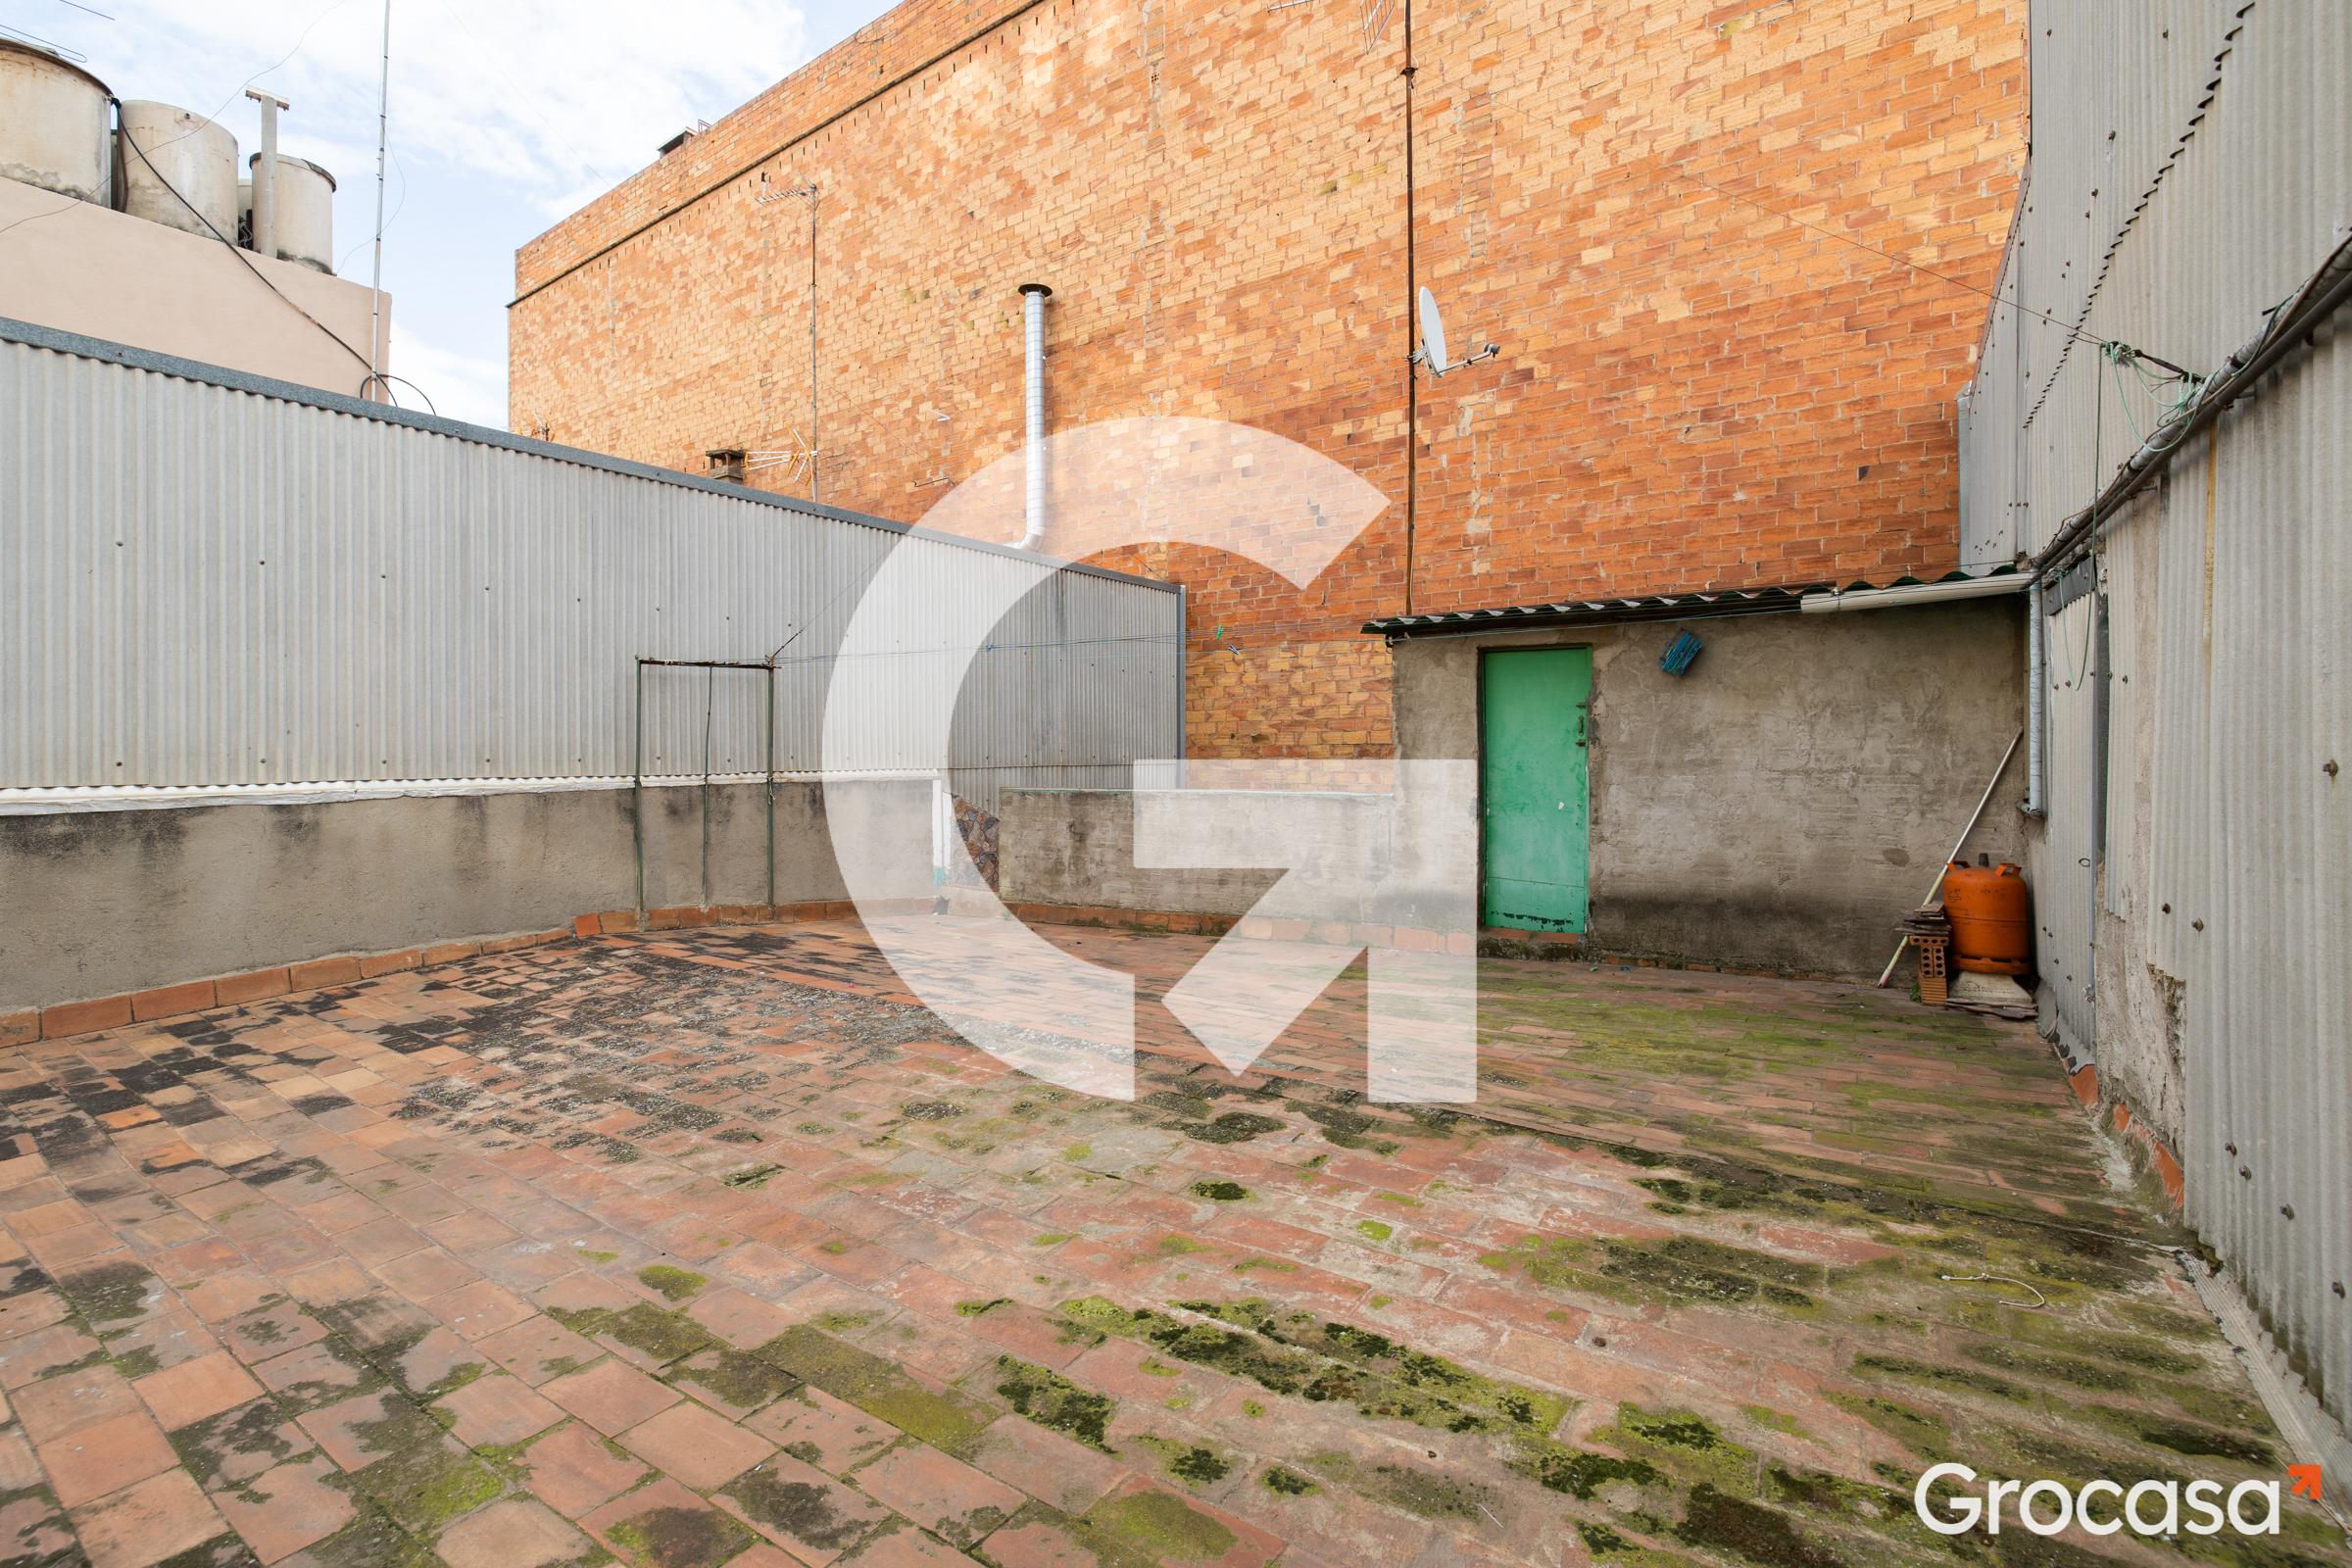 Casa en Vinyets moli vell en Sant Boi de Llobregat en Venta por 240.000€